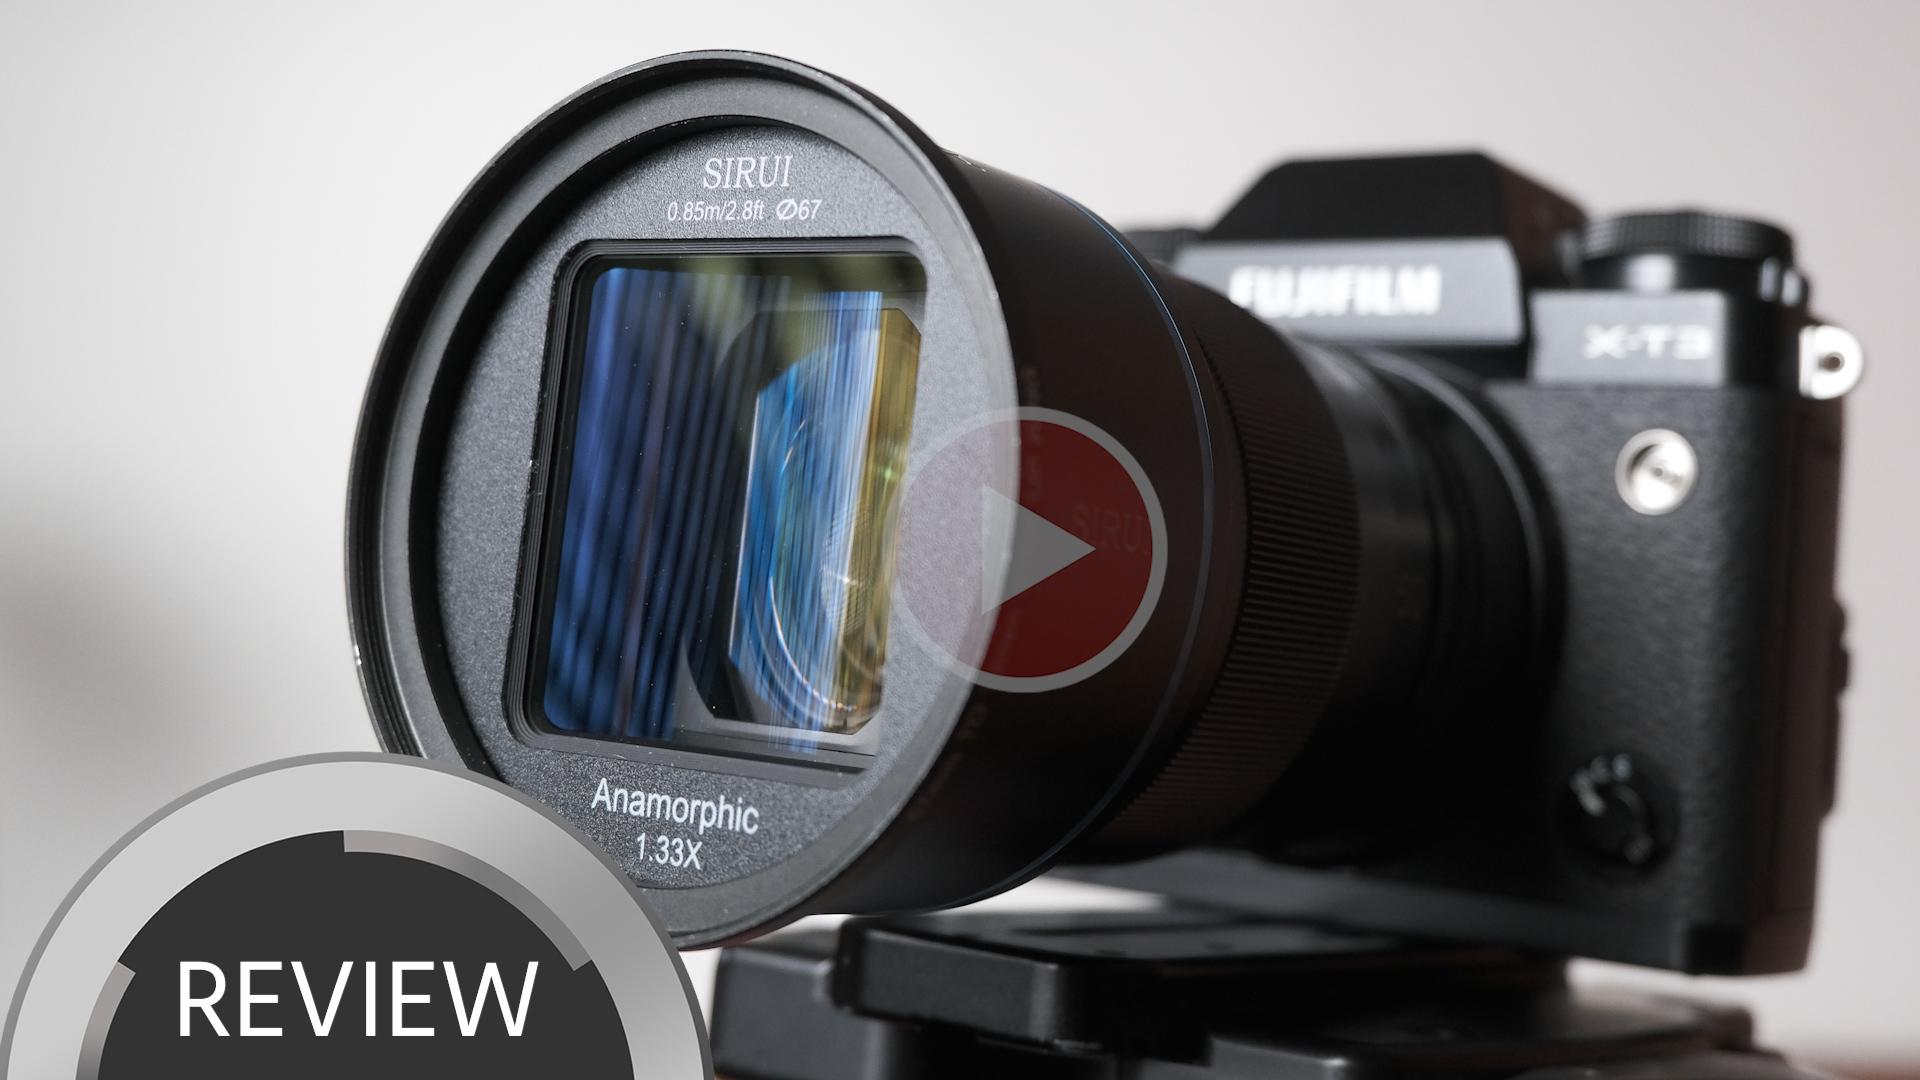 Reseña del lente anamórfico SIRUI 50 mm y material de muestra